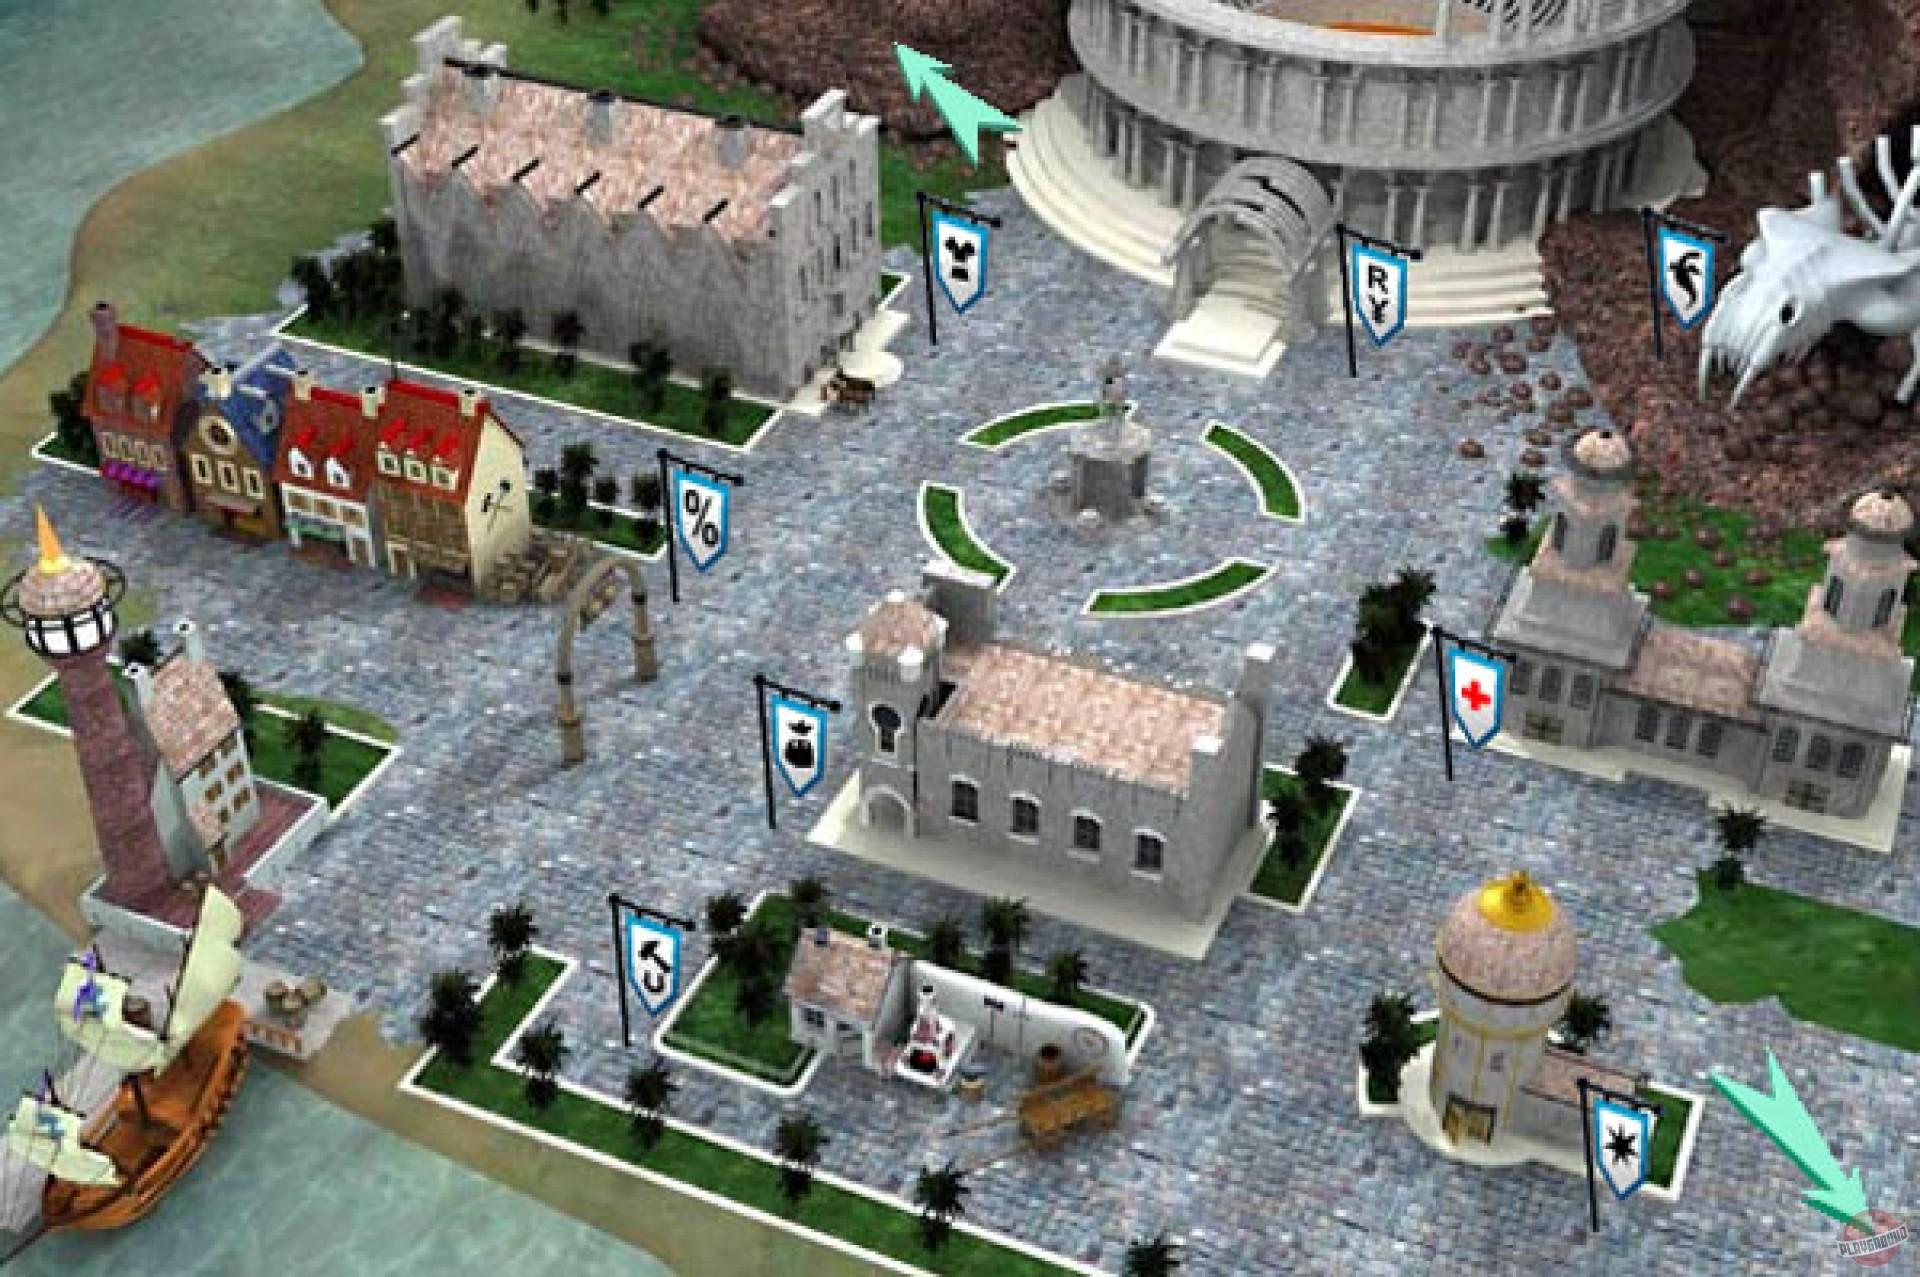 http://i.playground.ru/i/36/96/10/00/screenshot/arena.1920xauto.jpg